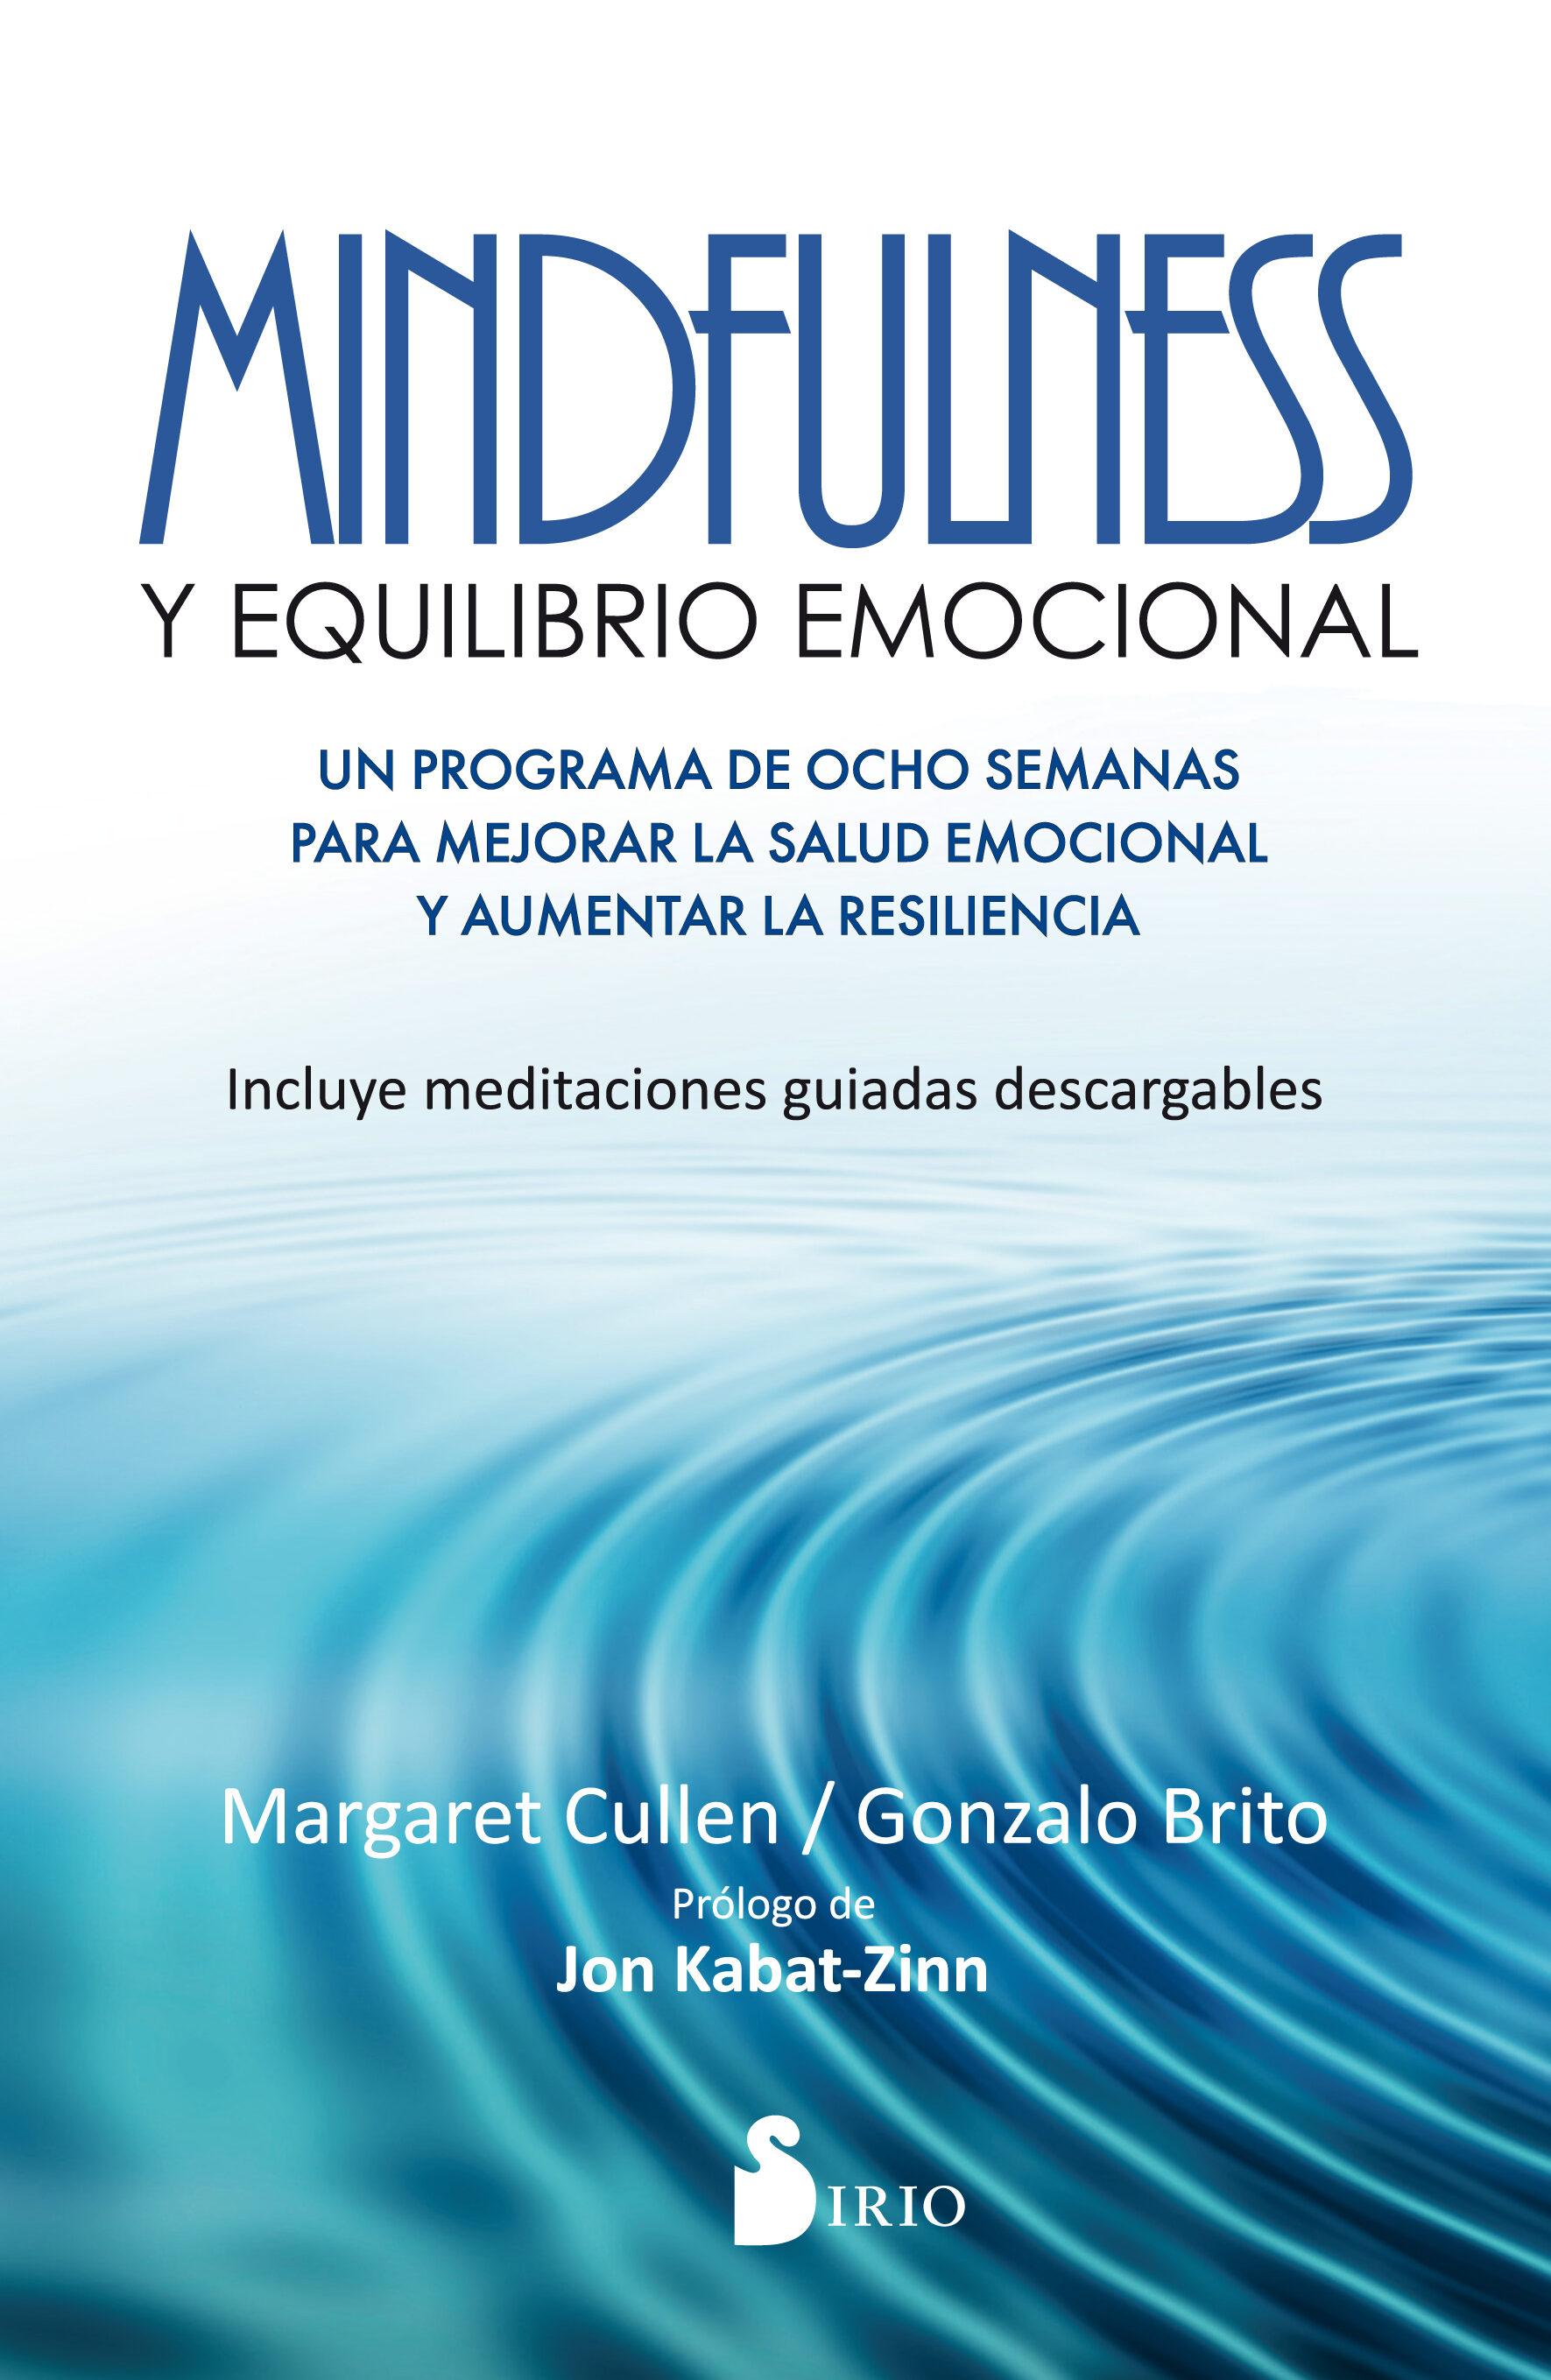 Mindfulness Y Equilibrio Emocional por Margaret Cullen;                                                                                    Gonzalo Brito